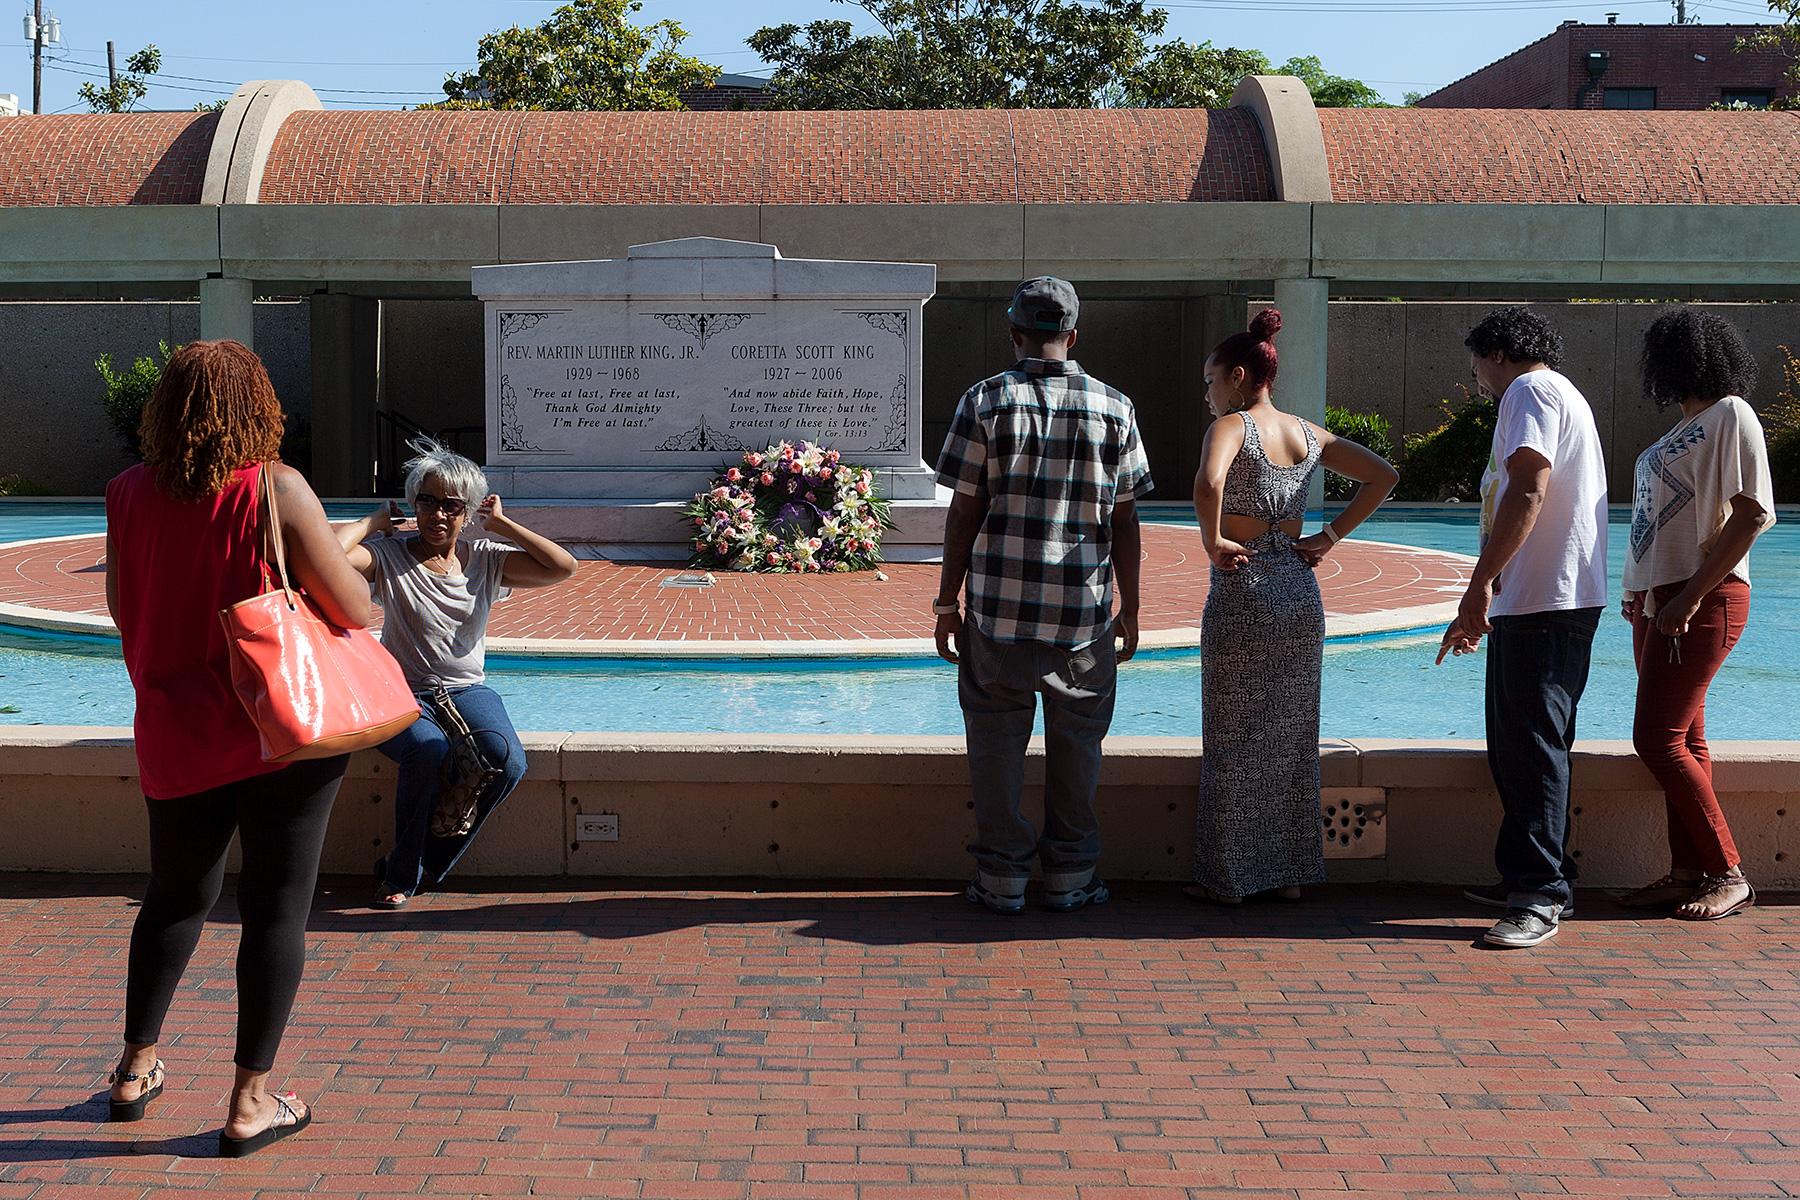 Gruppe non Menschen vor dem Grab von Martin Kuther King